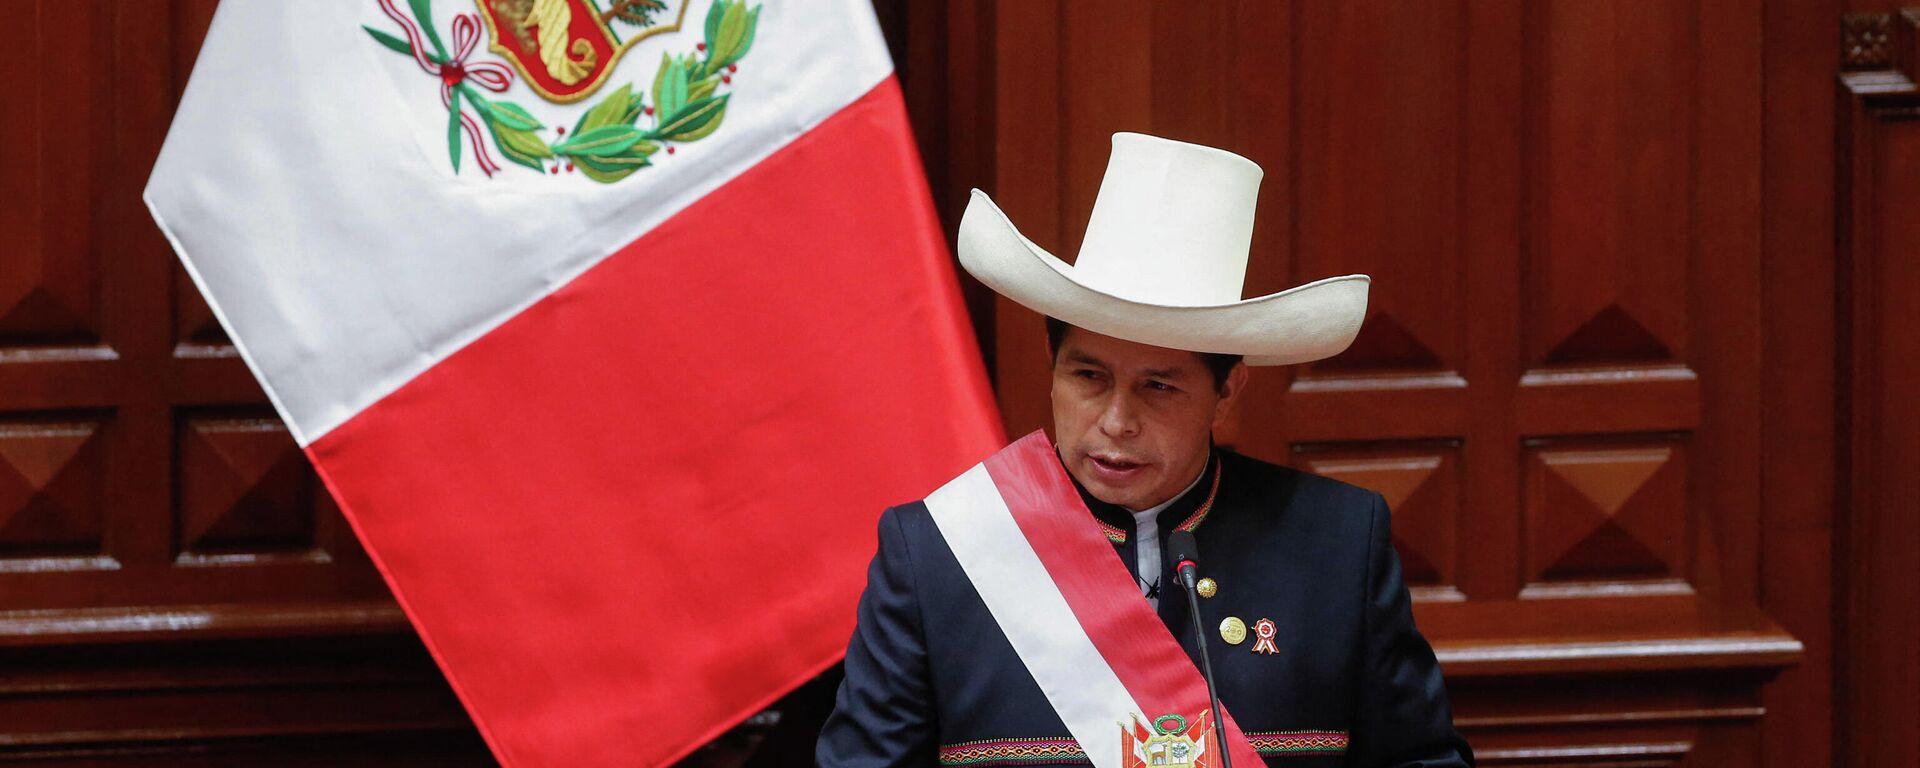 Pedro Castillo,  presidente de Perú - Sputnik Mundo, 1920, 13.09.2021